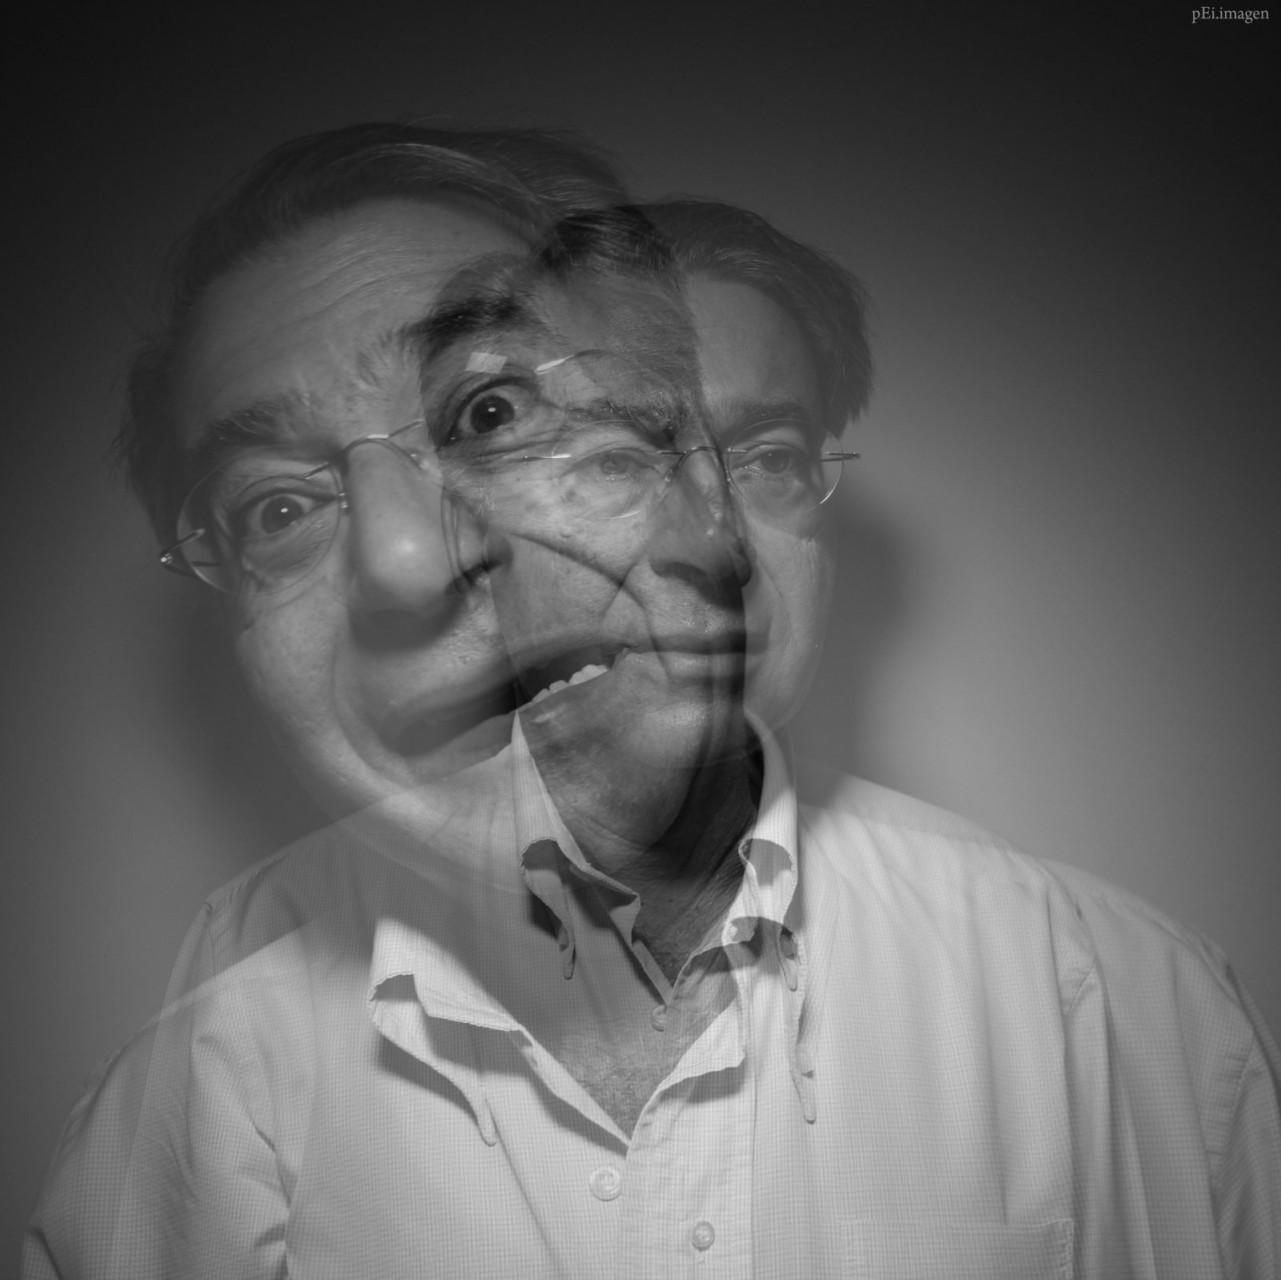 peipegata me myself I proyectos fotografia peipegatafotografia # 054 Angel Luis Hernandez Gonzalez